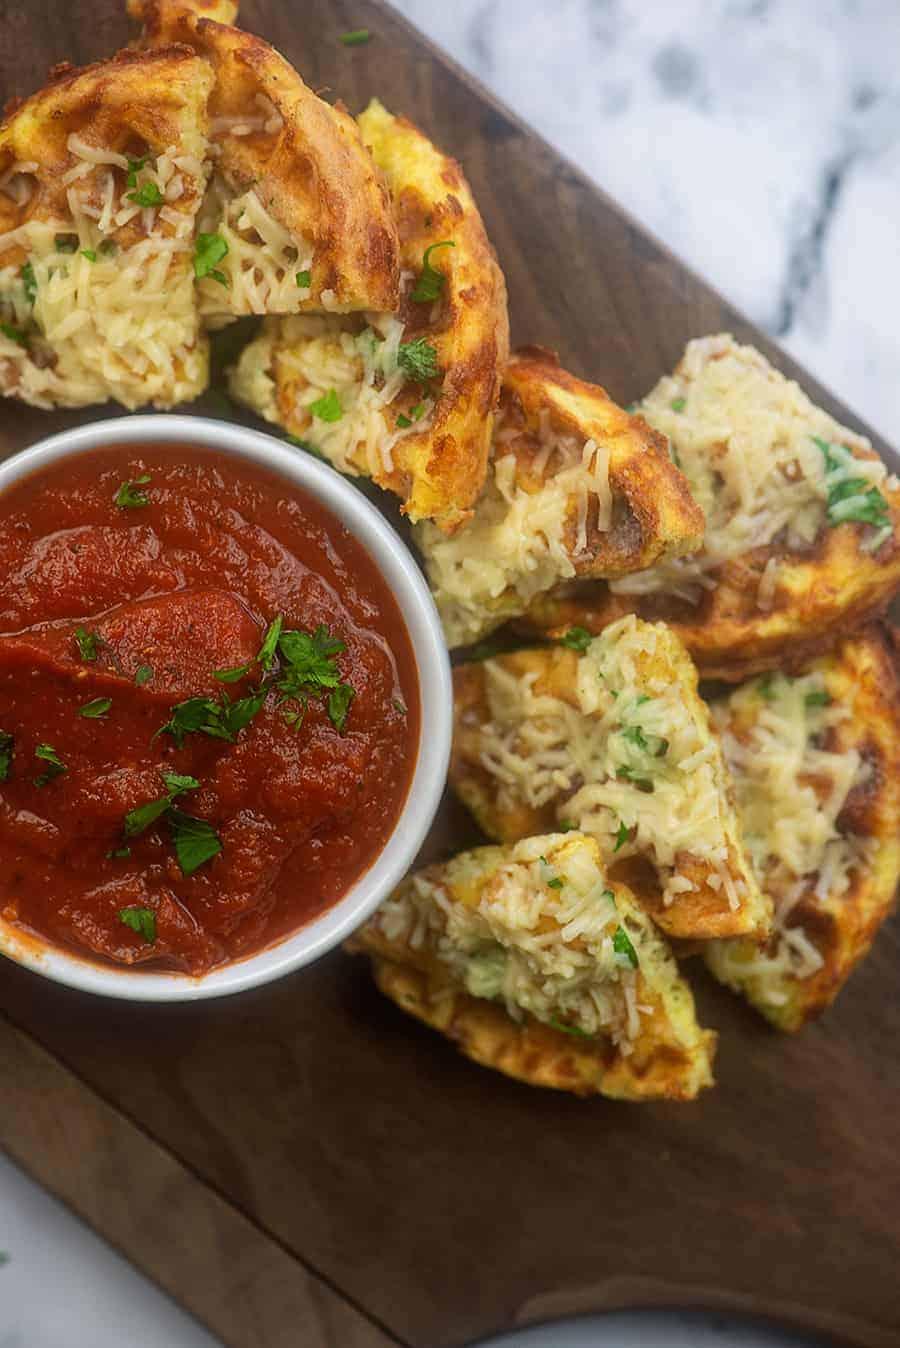 low carb garlic bread with marinara